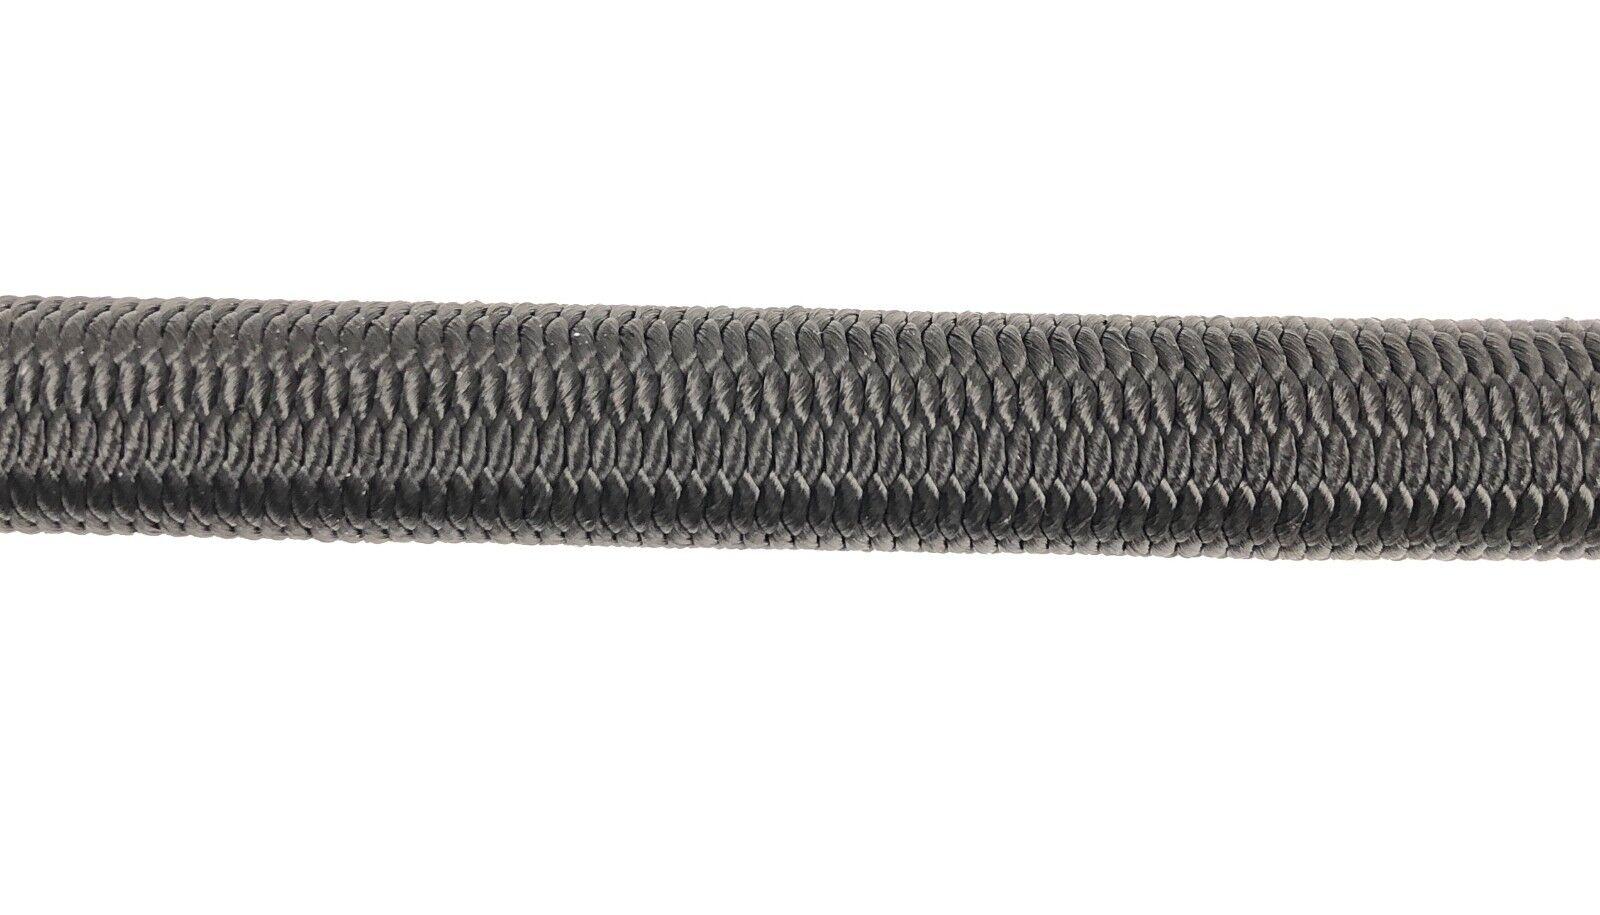 12mm Schwarz Schwarz Schwarz Elastischer Gummizug Seil Gummiseil Festbinden UV Stabil d4ca06